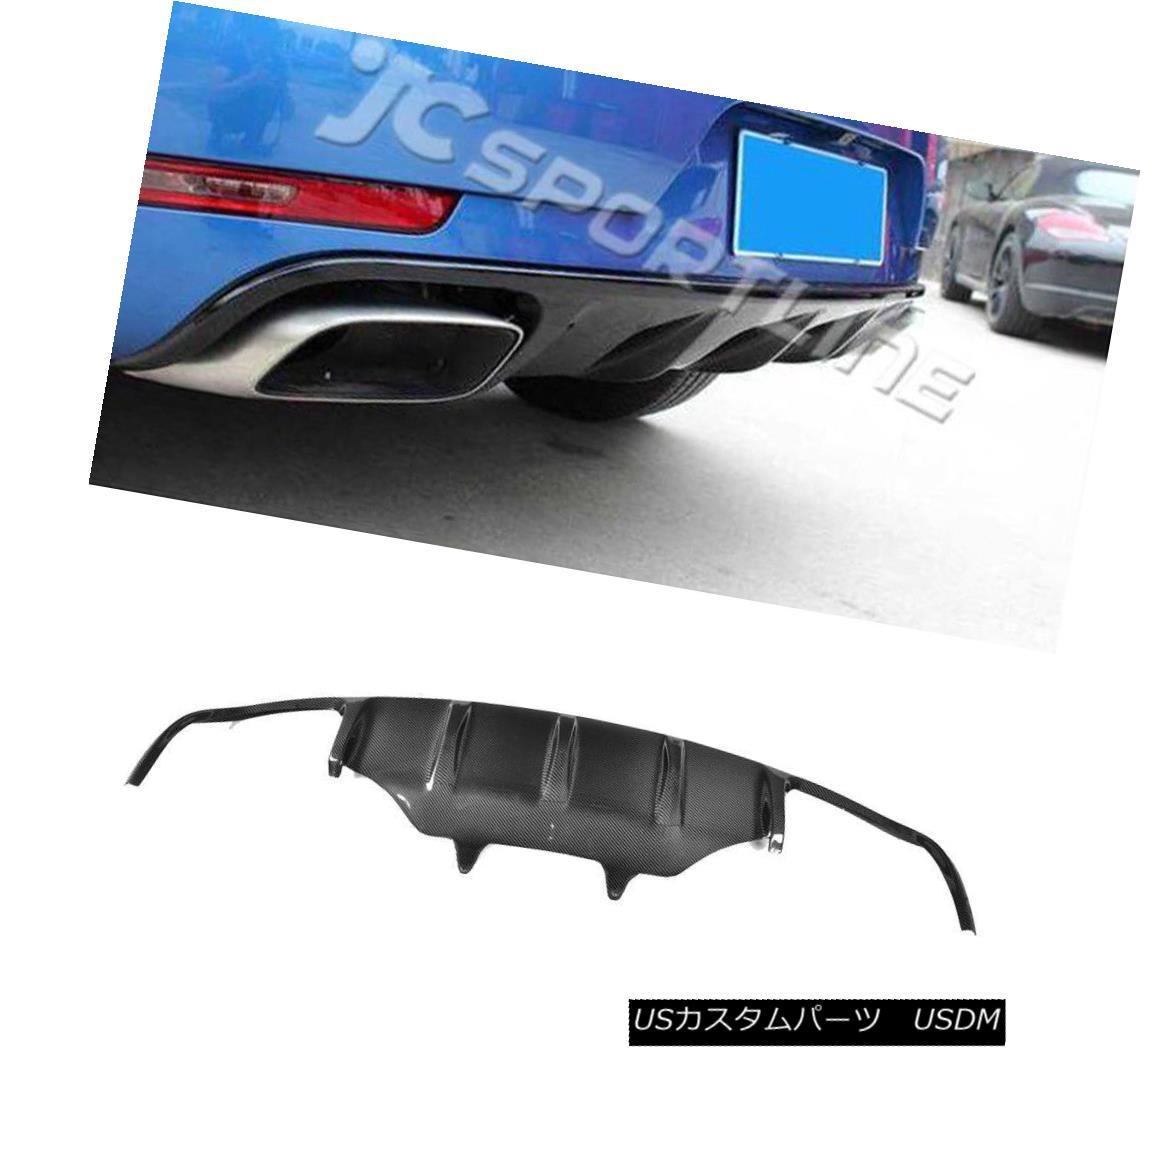 エアロパーツ Carbon Fiber Rear Spoiler Lip Diffuser Fit for Porsche Macan Bumper 2014 Black ポルシェマカンバンパー2014用カーボンファイバーリアスポイラーリップディフューザーブラック